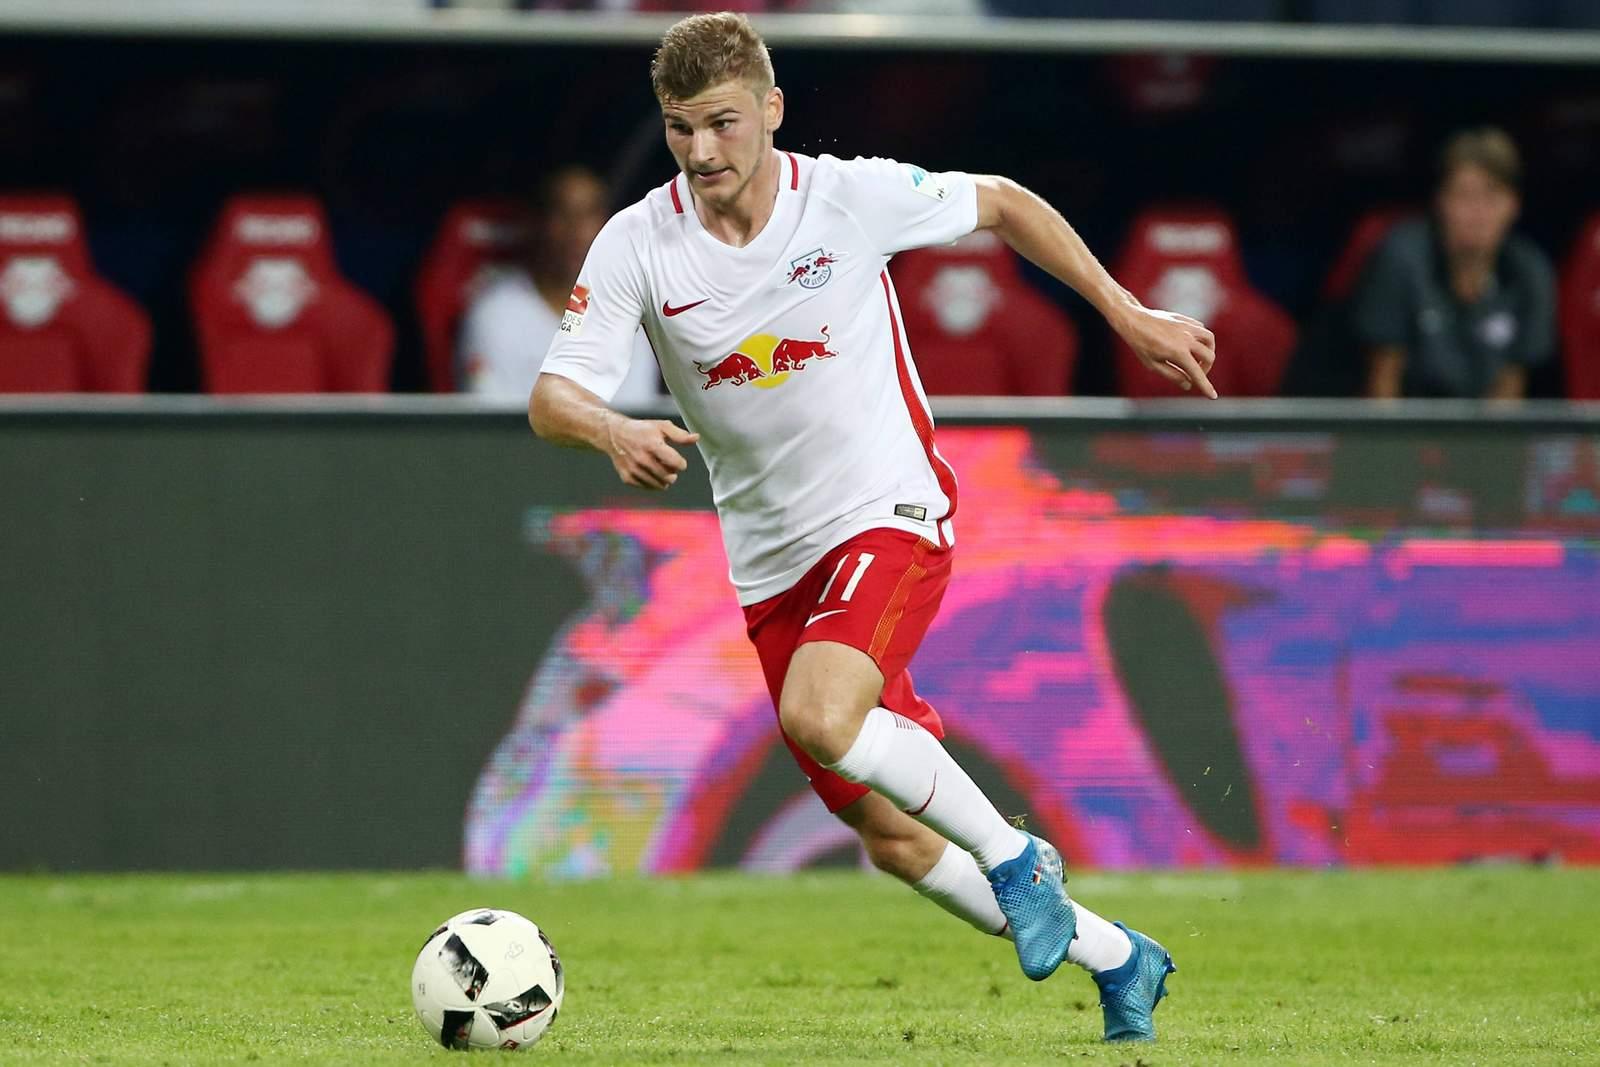 Führt Werner RB zum Sieg? Jetzt auf Red Bull Leipzig gegen AS Monaco wetten